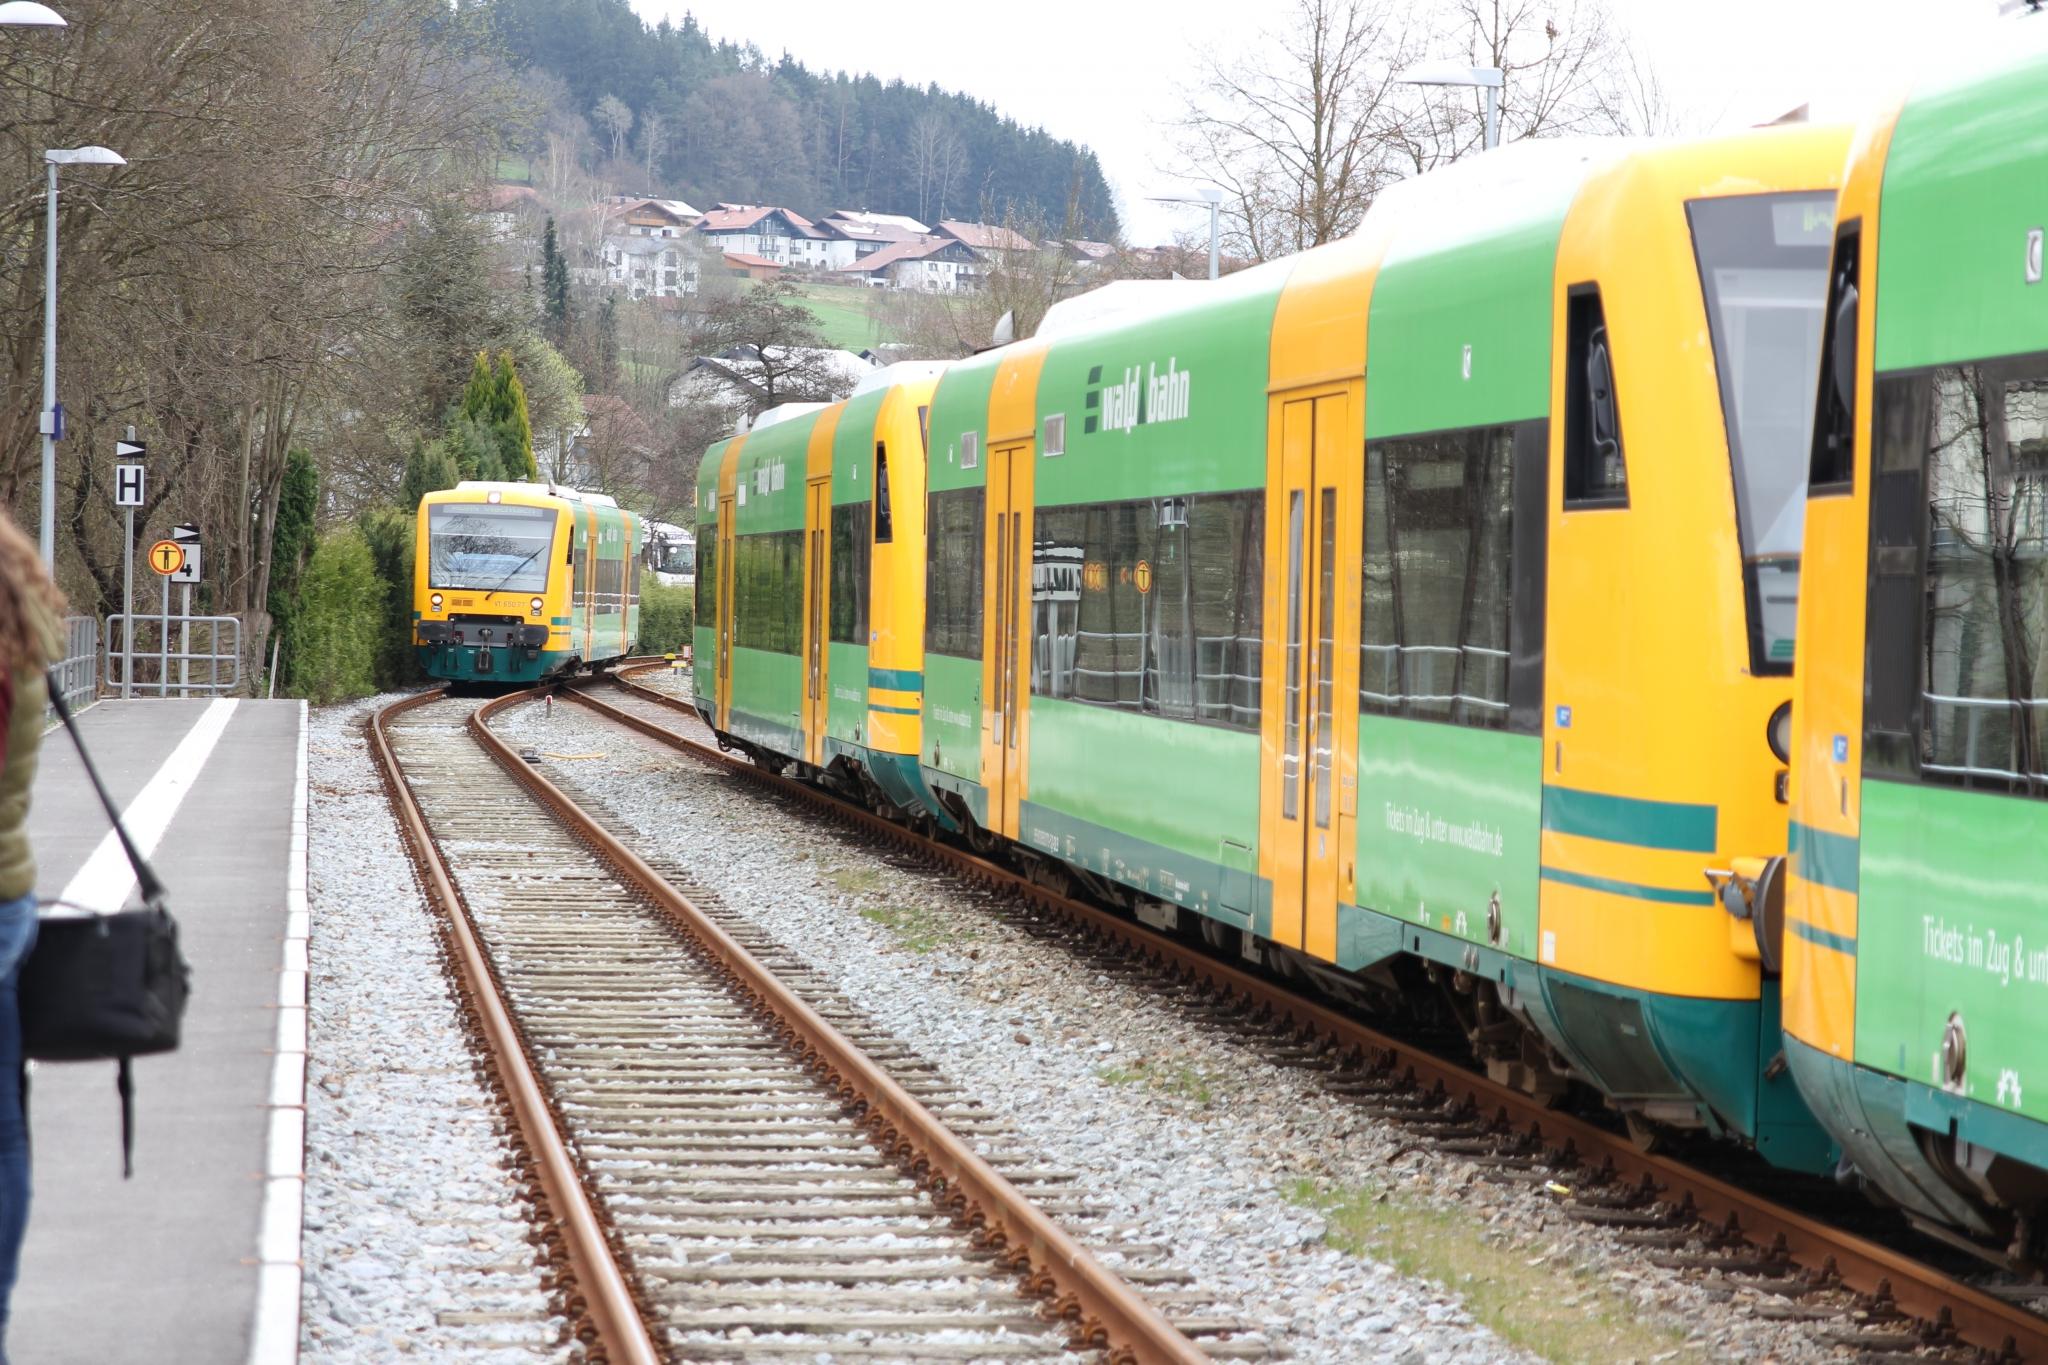 Fahrplan Und Waldbahn Streckennetz Landkreis Regen